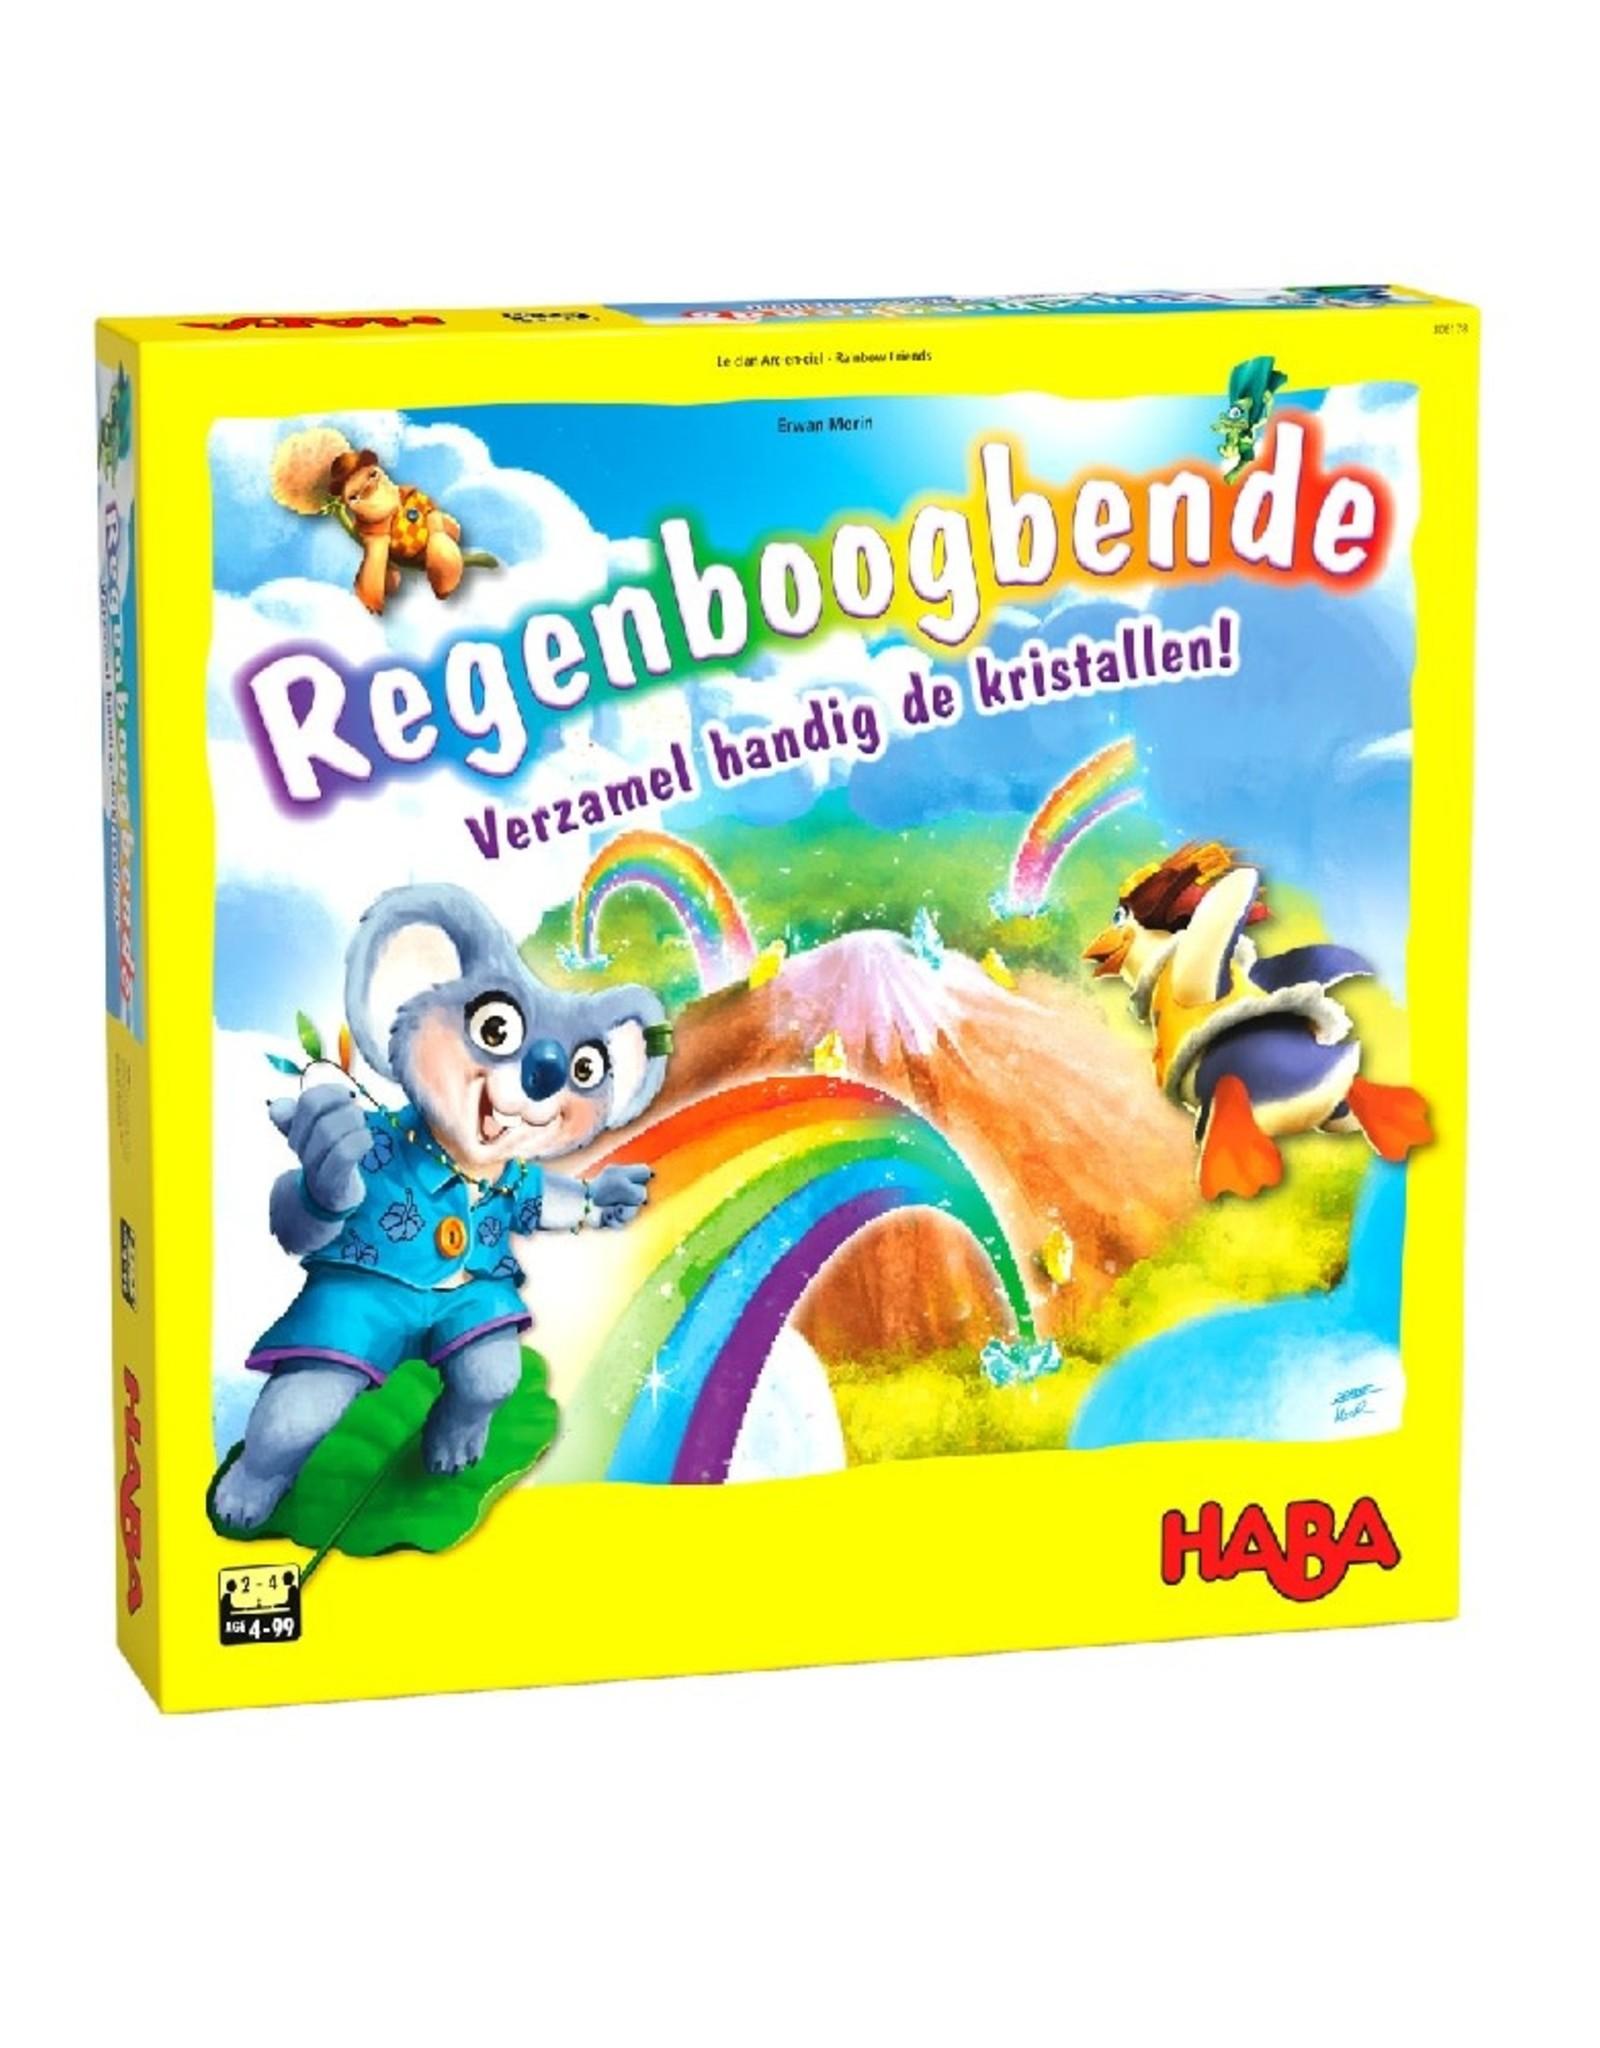 HABA Regenboogbende